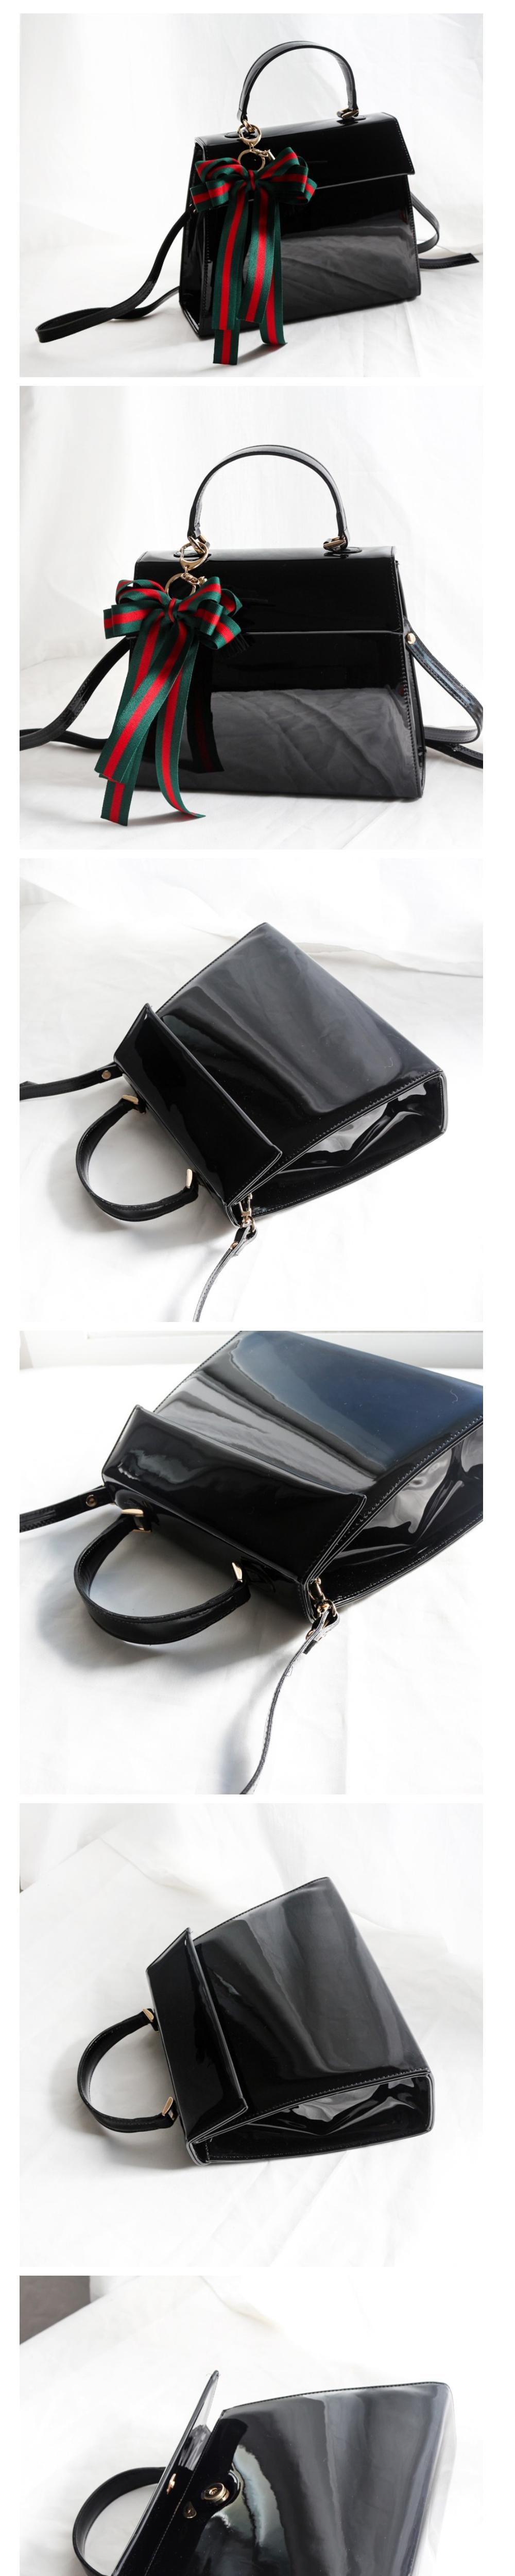 가방 상품 이미지-S5L1